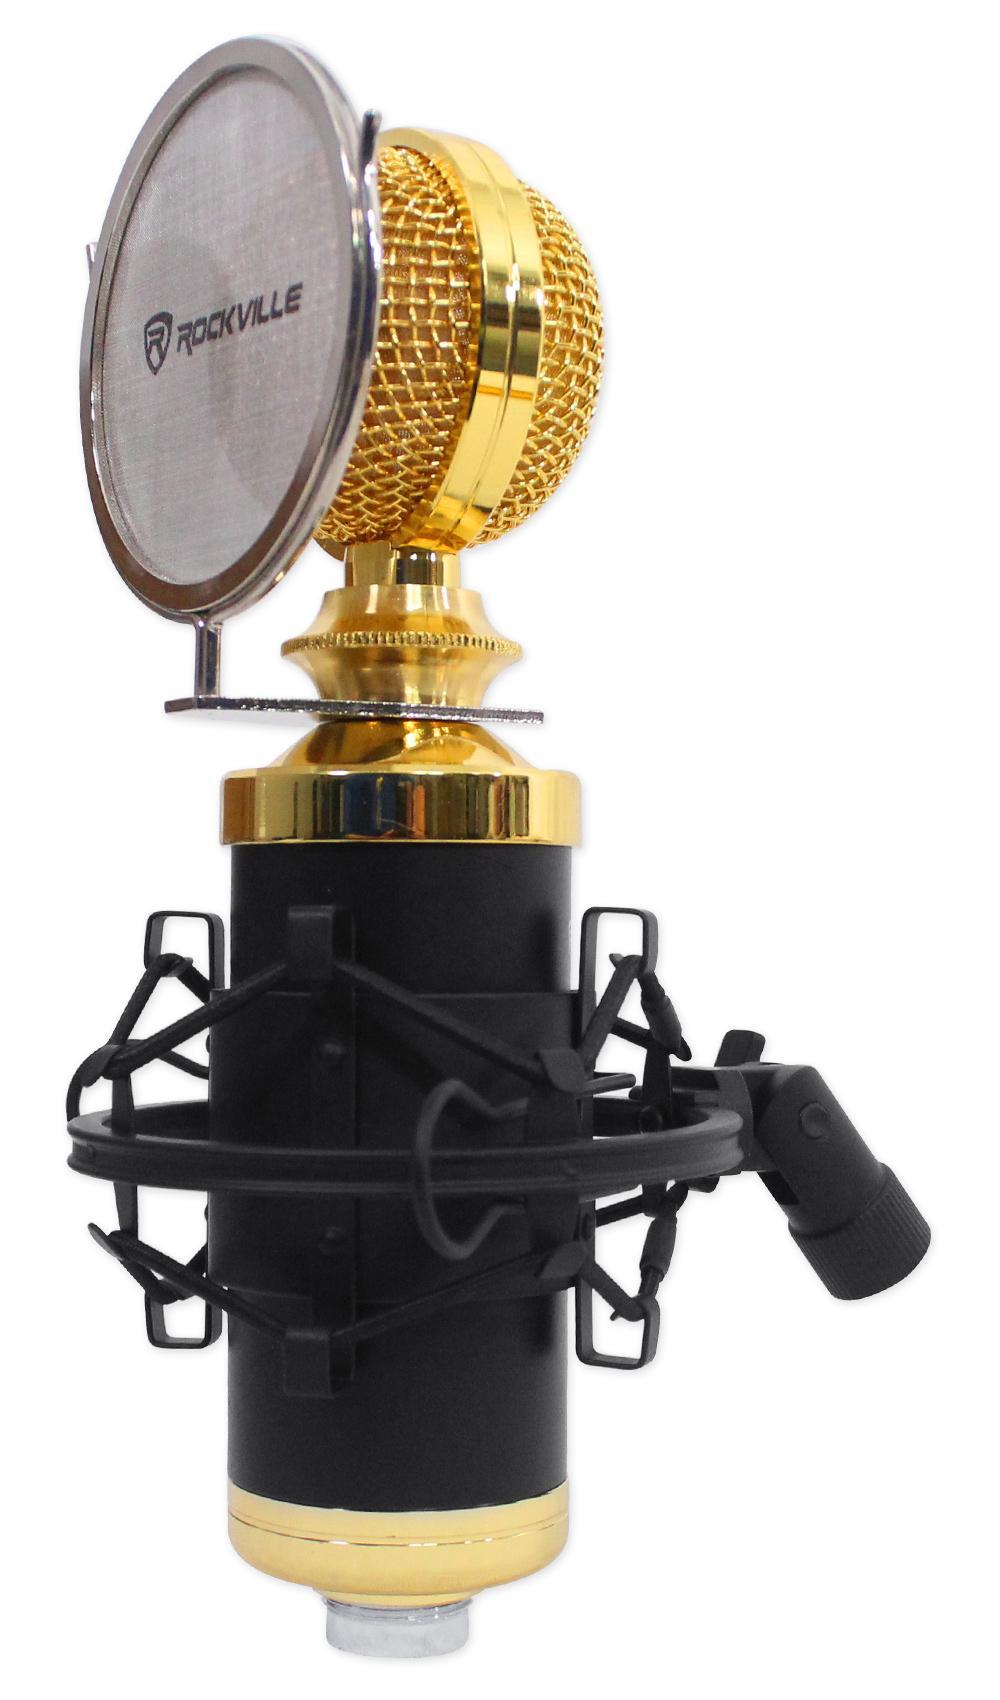 Amazon Com Rockville Rcm02 Pro Studio Recording Condenser